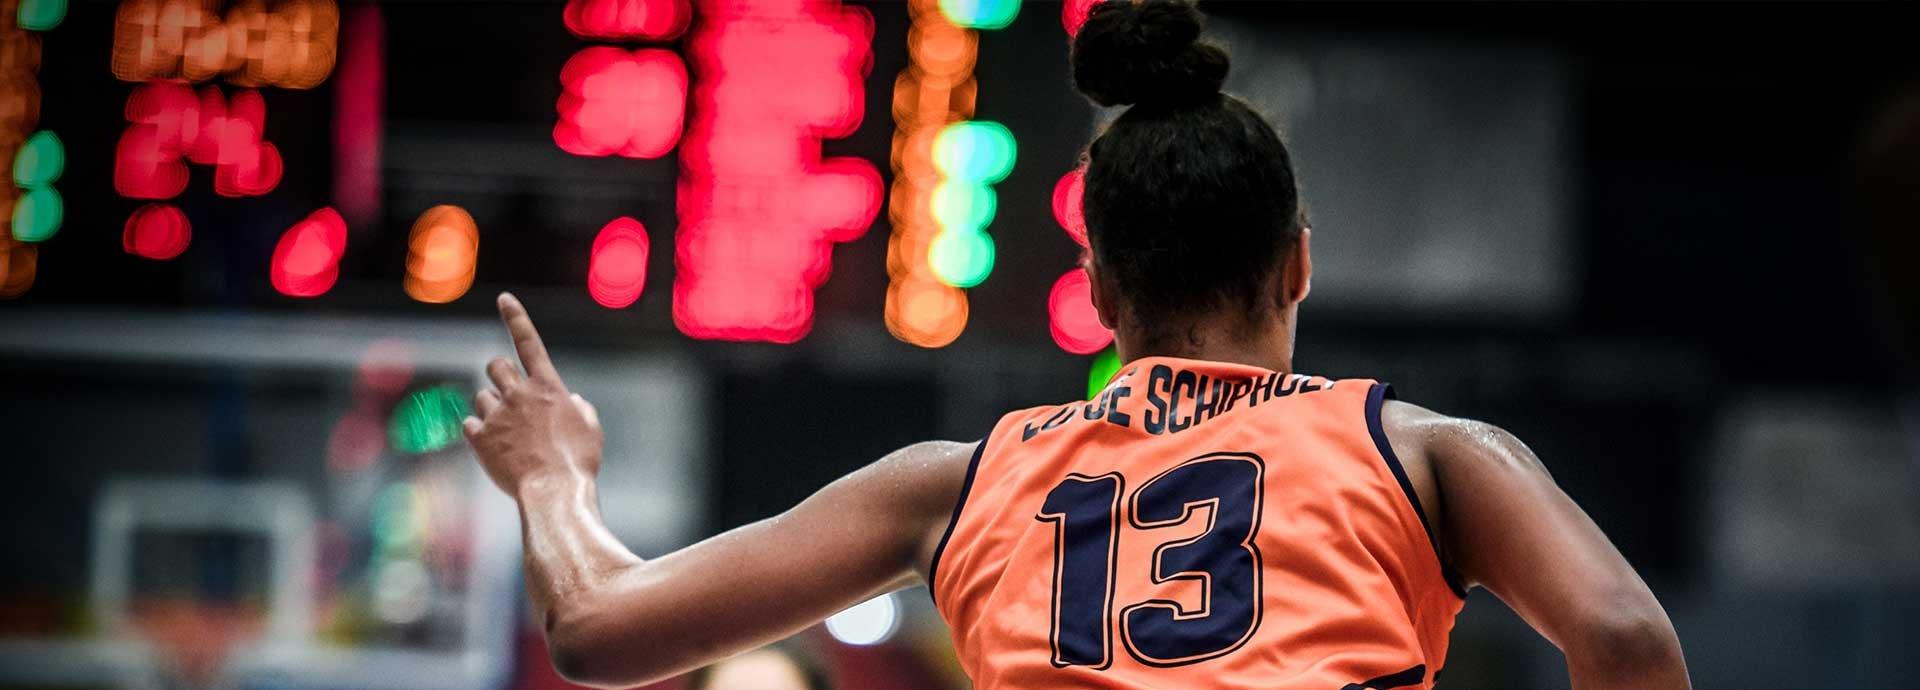 2019_OrangeLionsVU20_Schipholt.jpg